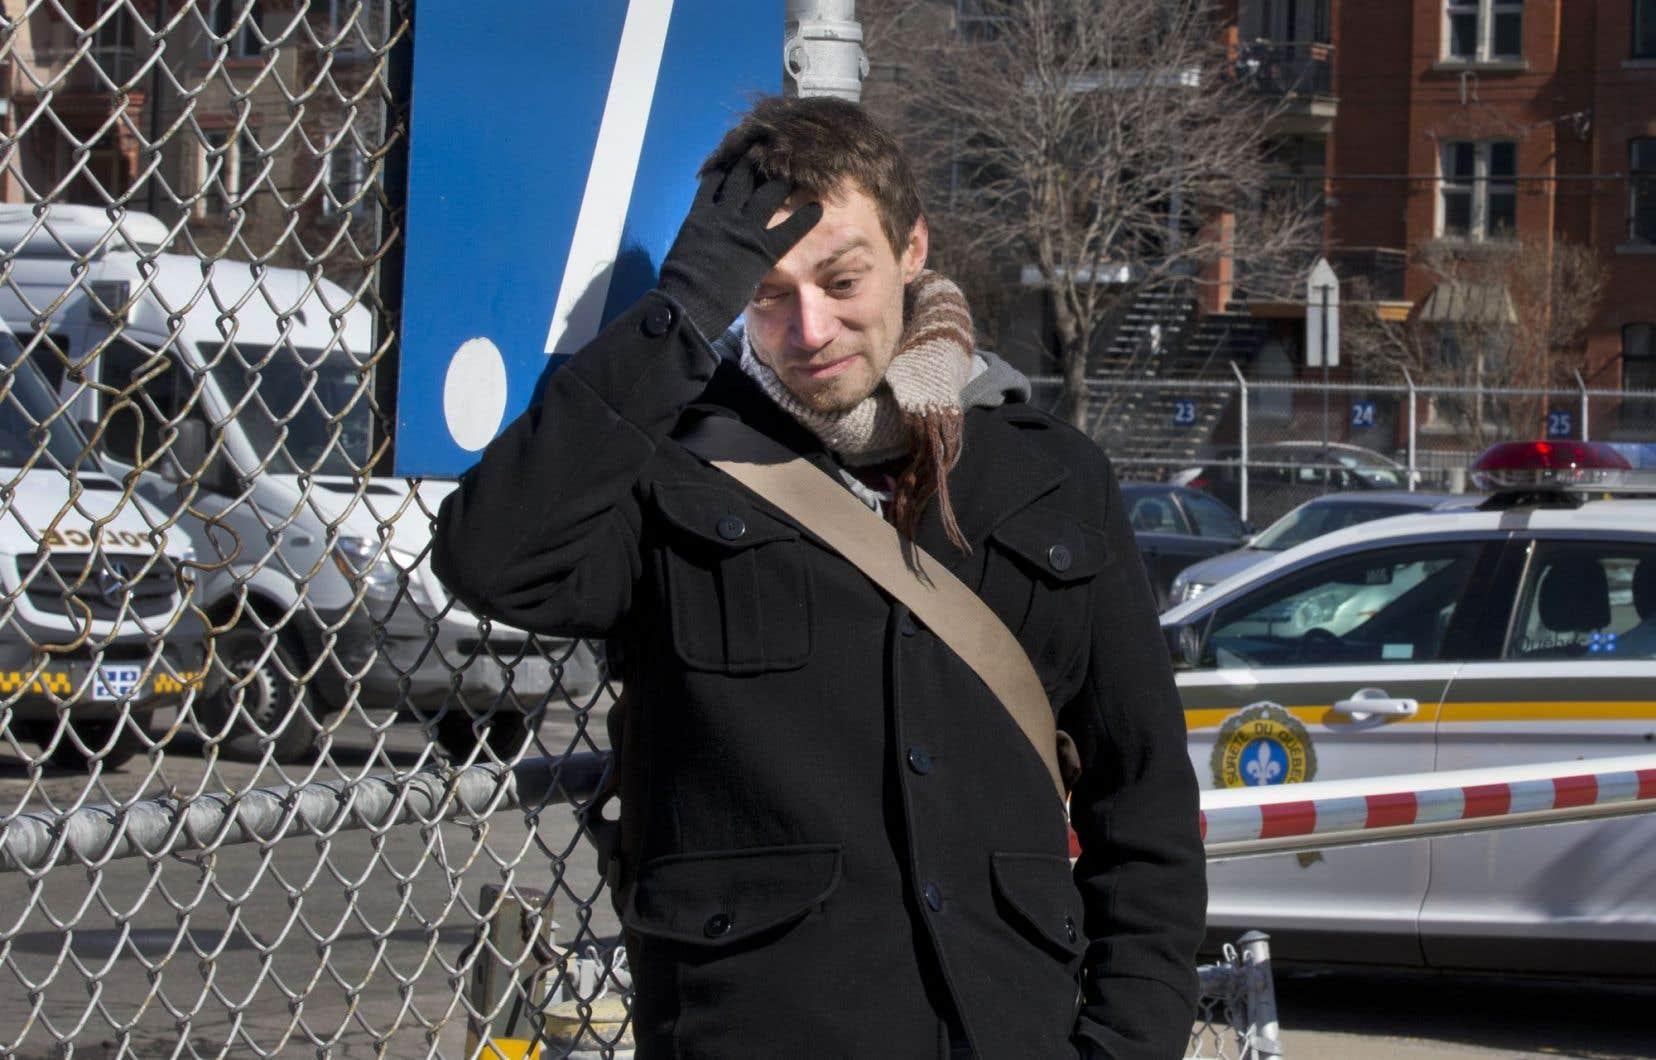 La marque de la brutalité policière, Maxence L. Valade la porte en plein visage: le 4 mai 2012, il a perdu son oeil gauche.